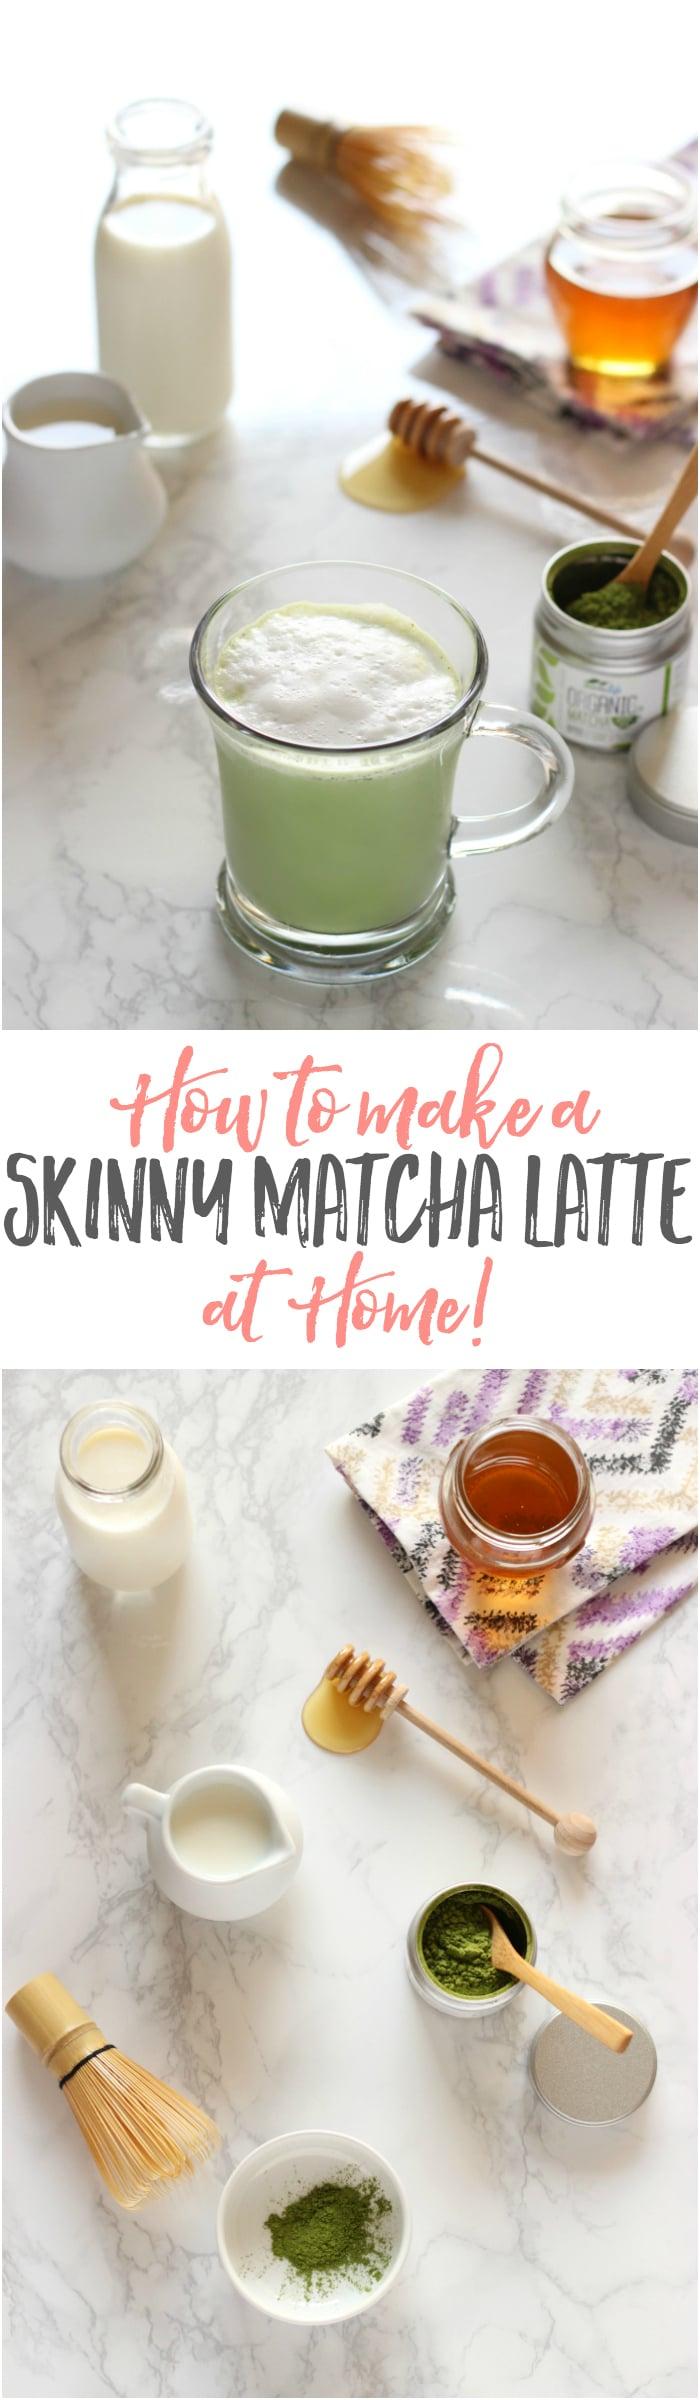 skinny-matcha-latte-pin